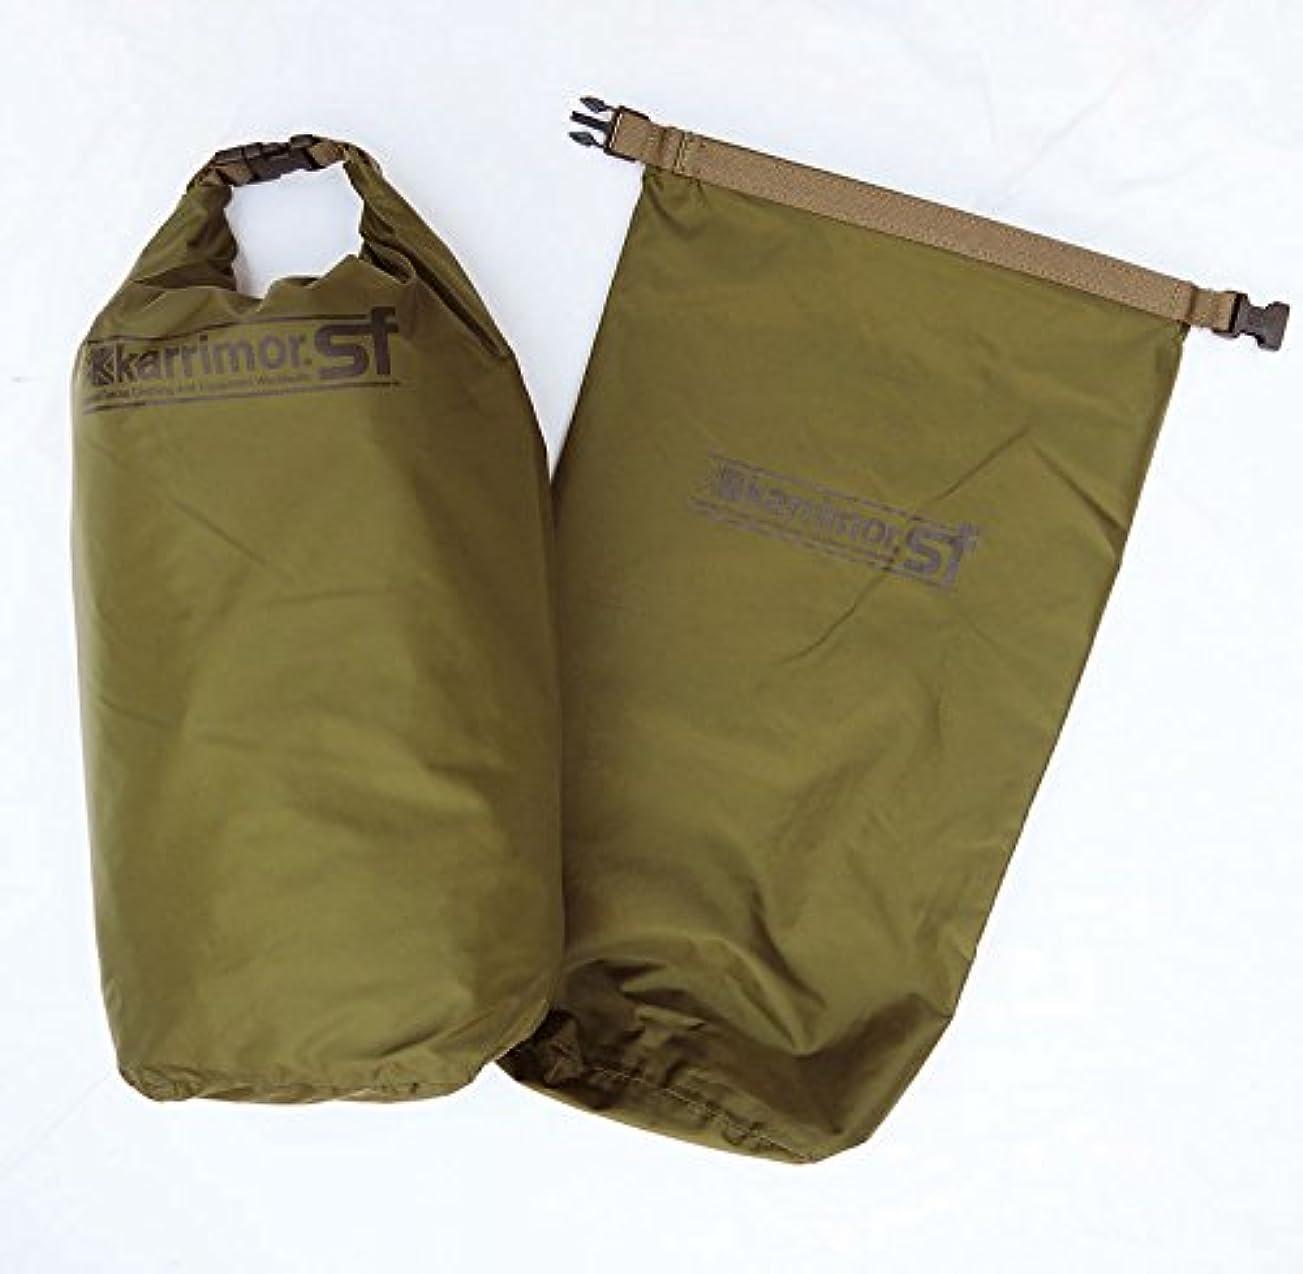 作曲する休日に海港カリマーSF ドライバッグ10ペア(10Lx2個セット) Karrimor Sf Dry Bag Pair 耐水バッグ 耐水袋